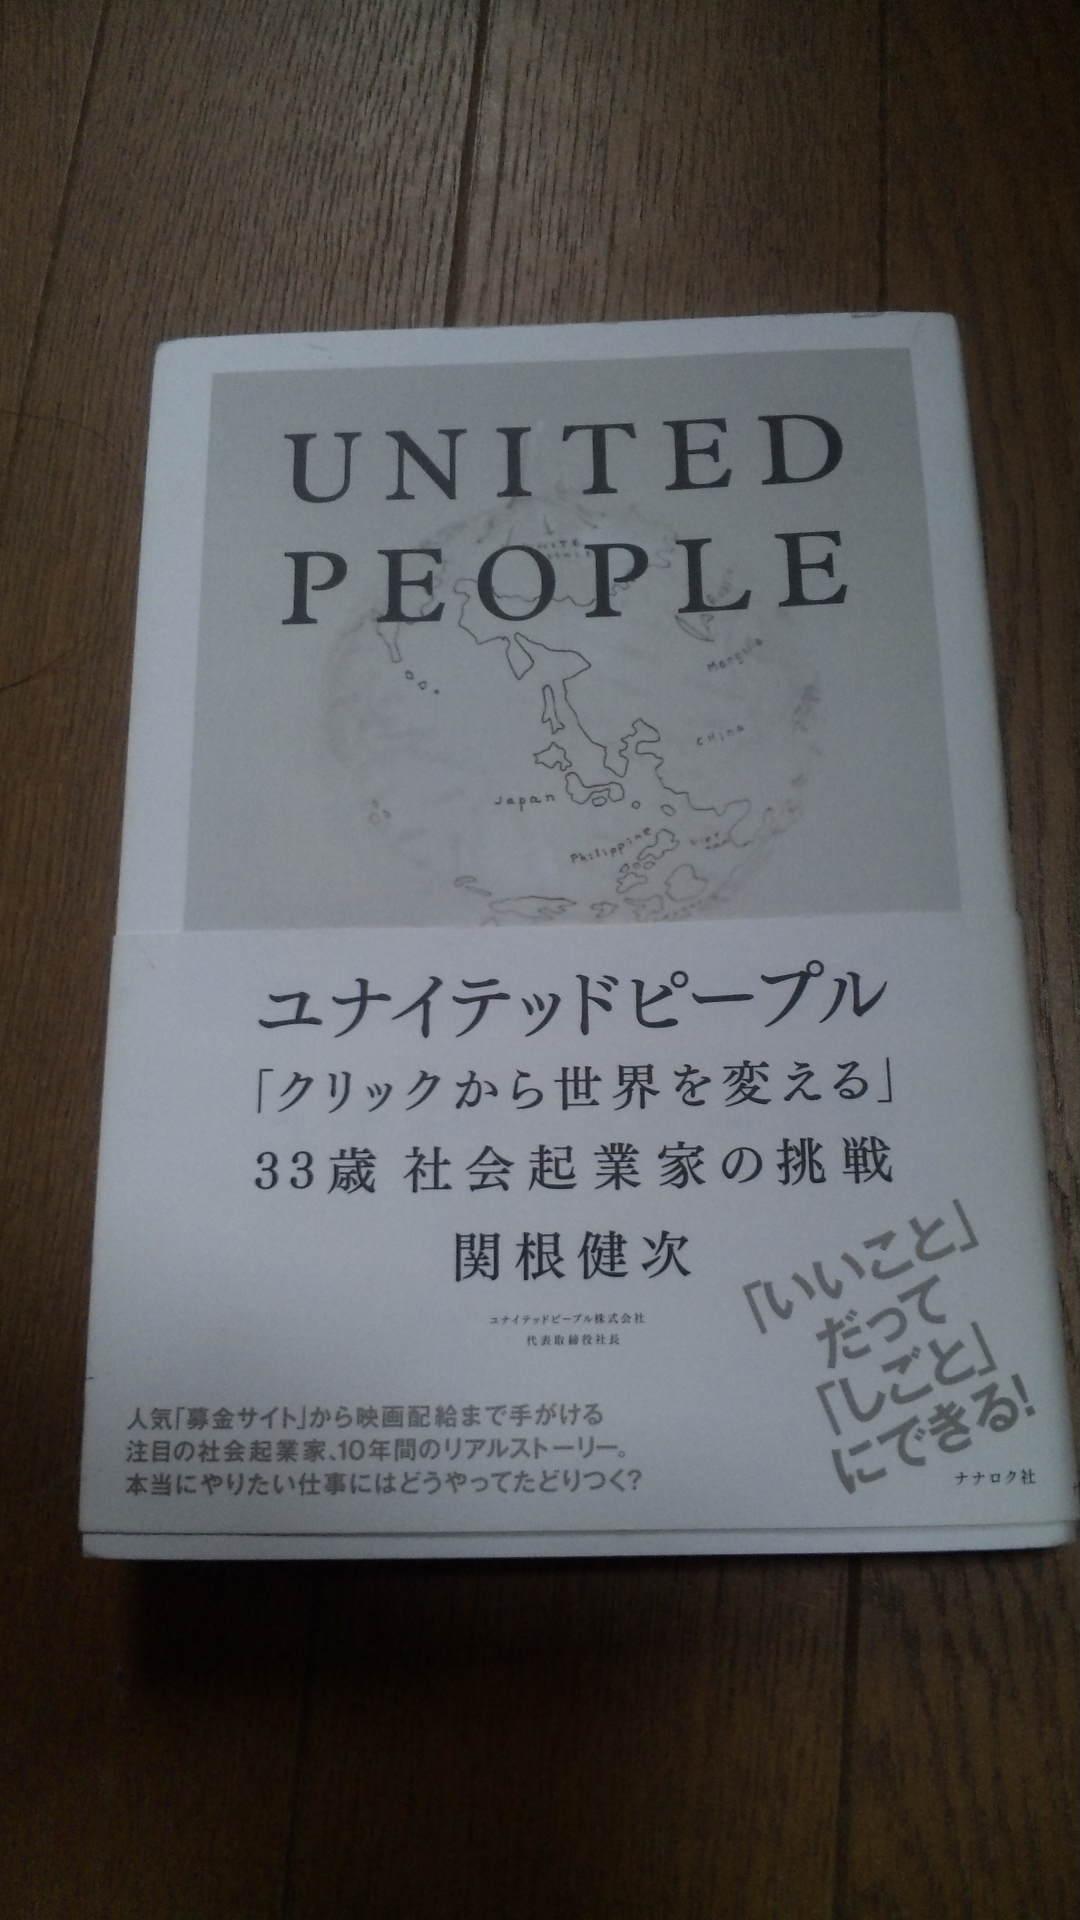 本の紹介「ユナイテッドピープル 〜クリックから世界を変える〜 33歳社会起業家の挑戦」